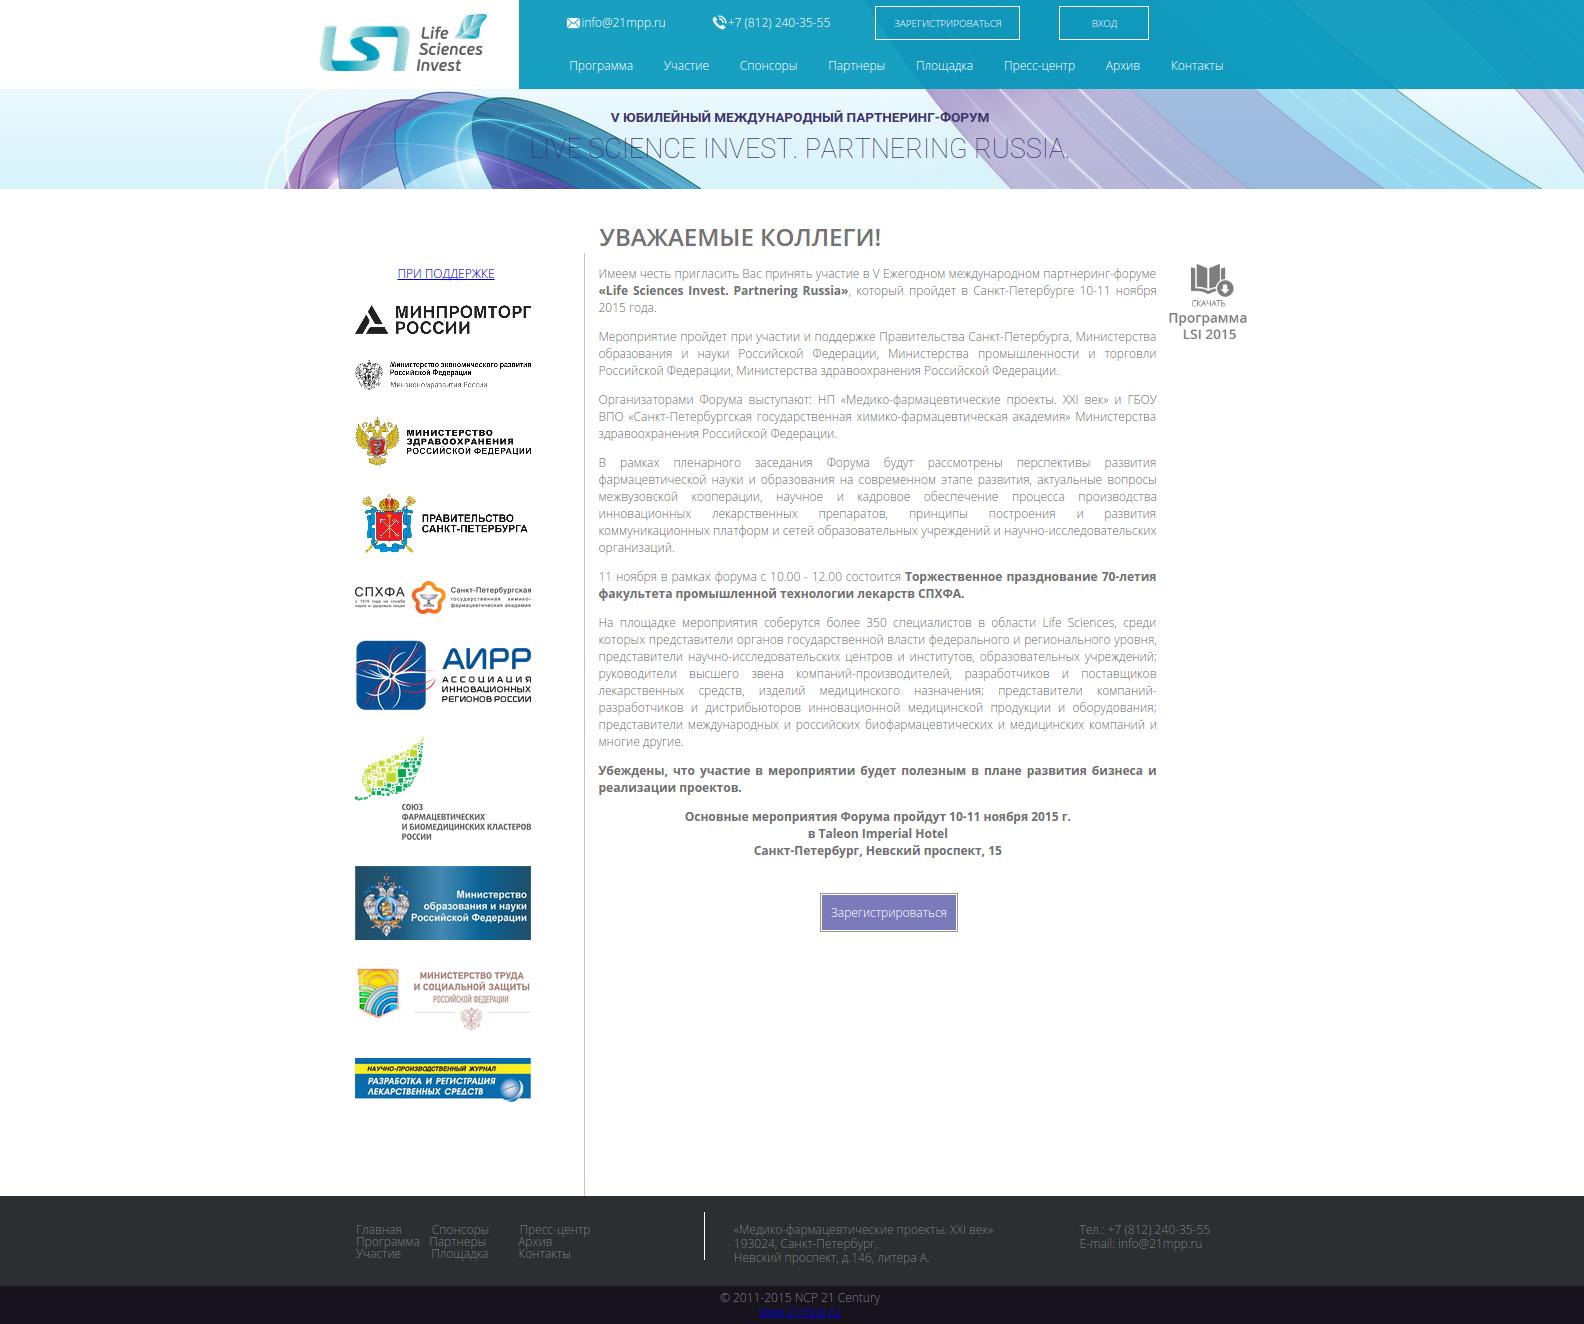 Сайт международного форума lsipr.ru